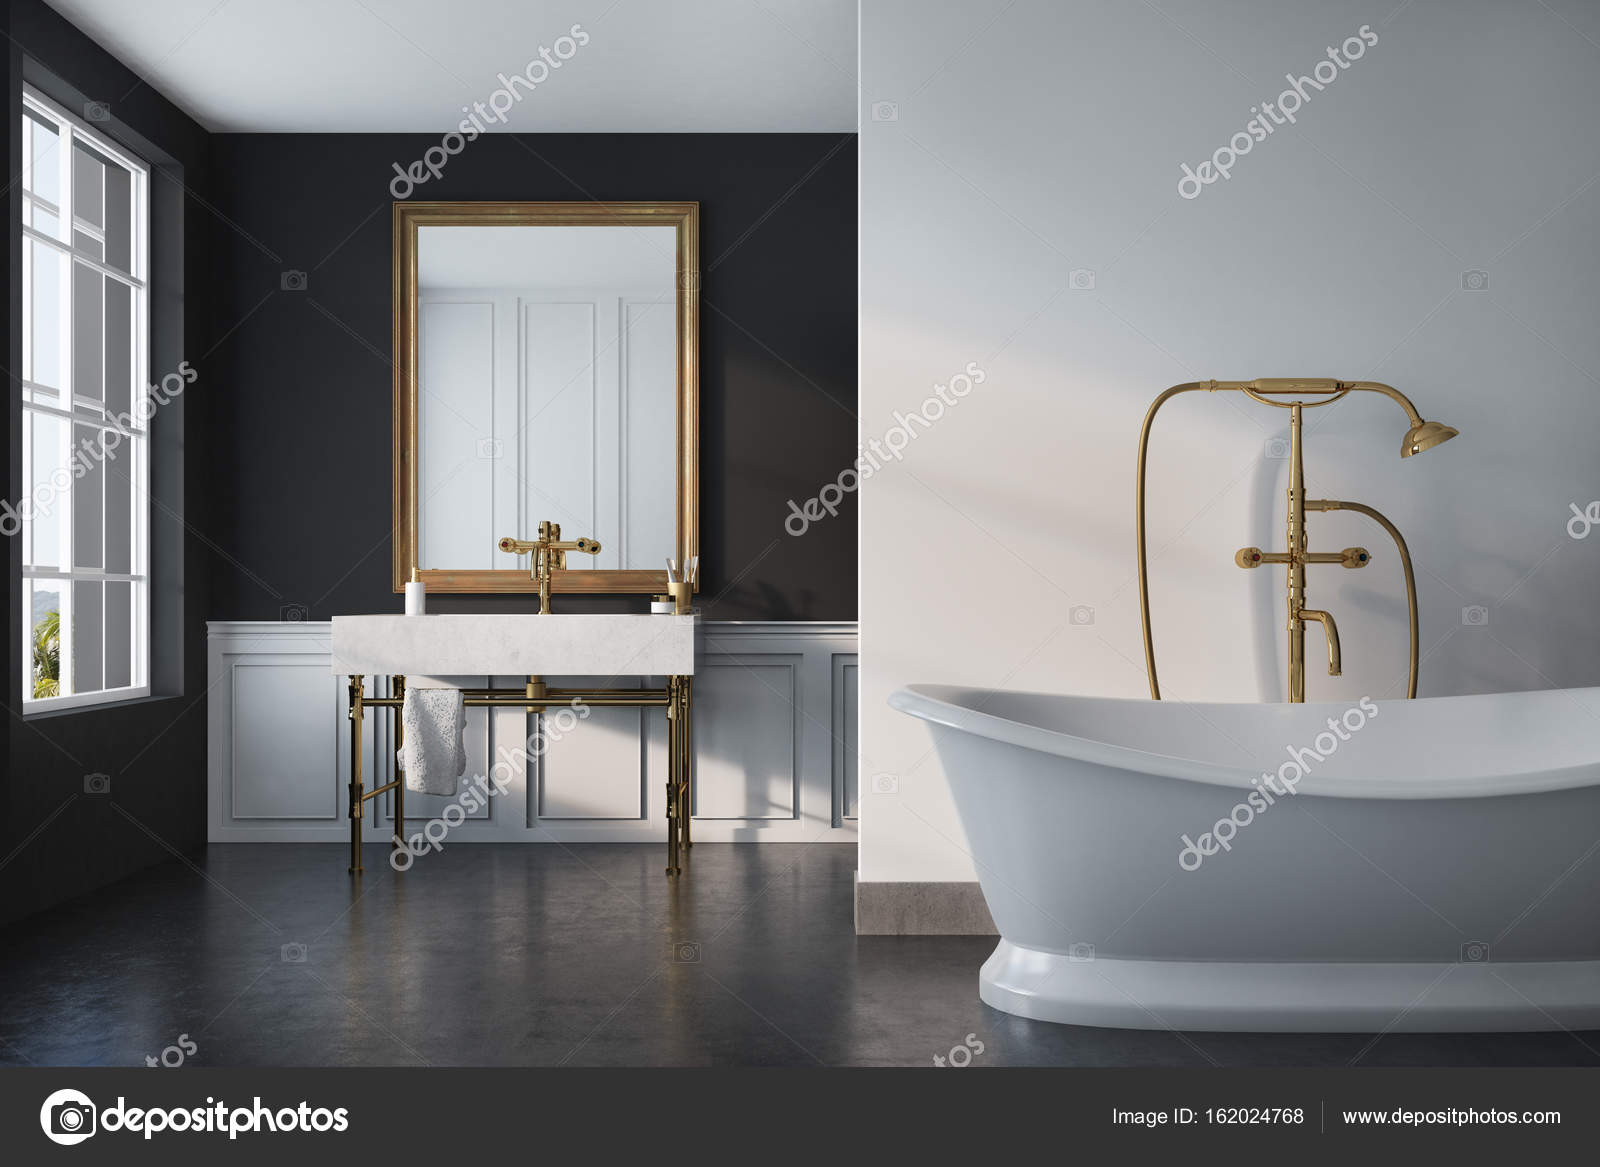 Schwarze Vintage Bad, weiße Wanne, Waschbecken — Stockfoto ...